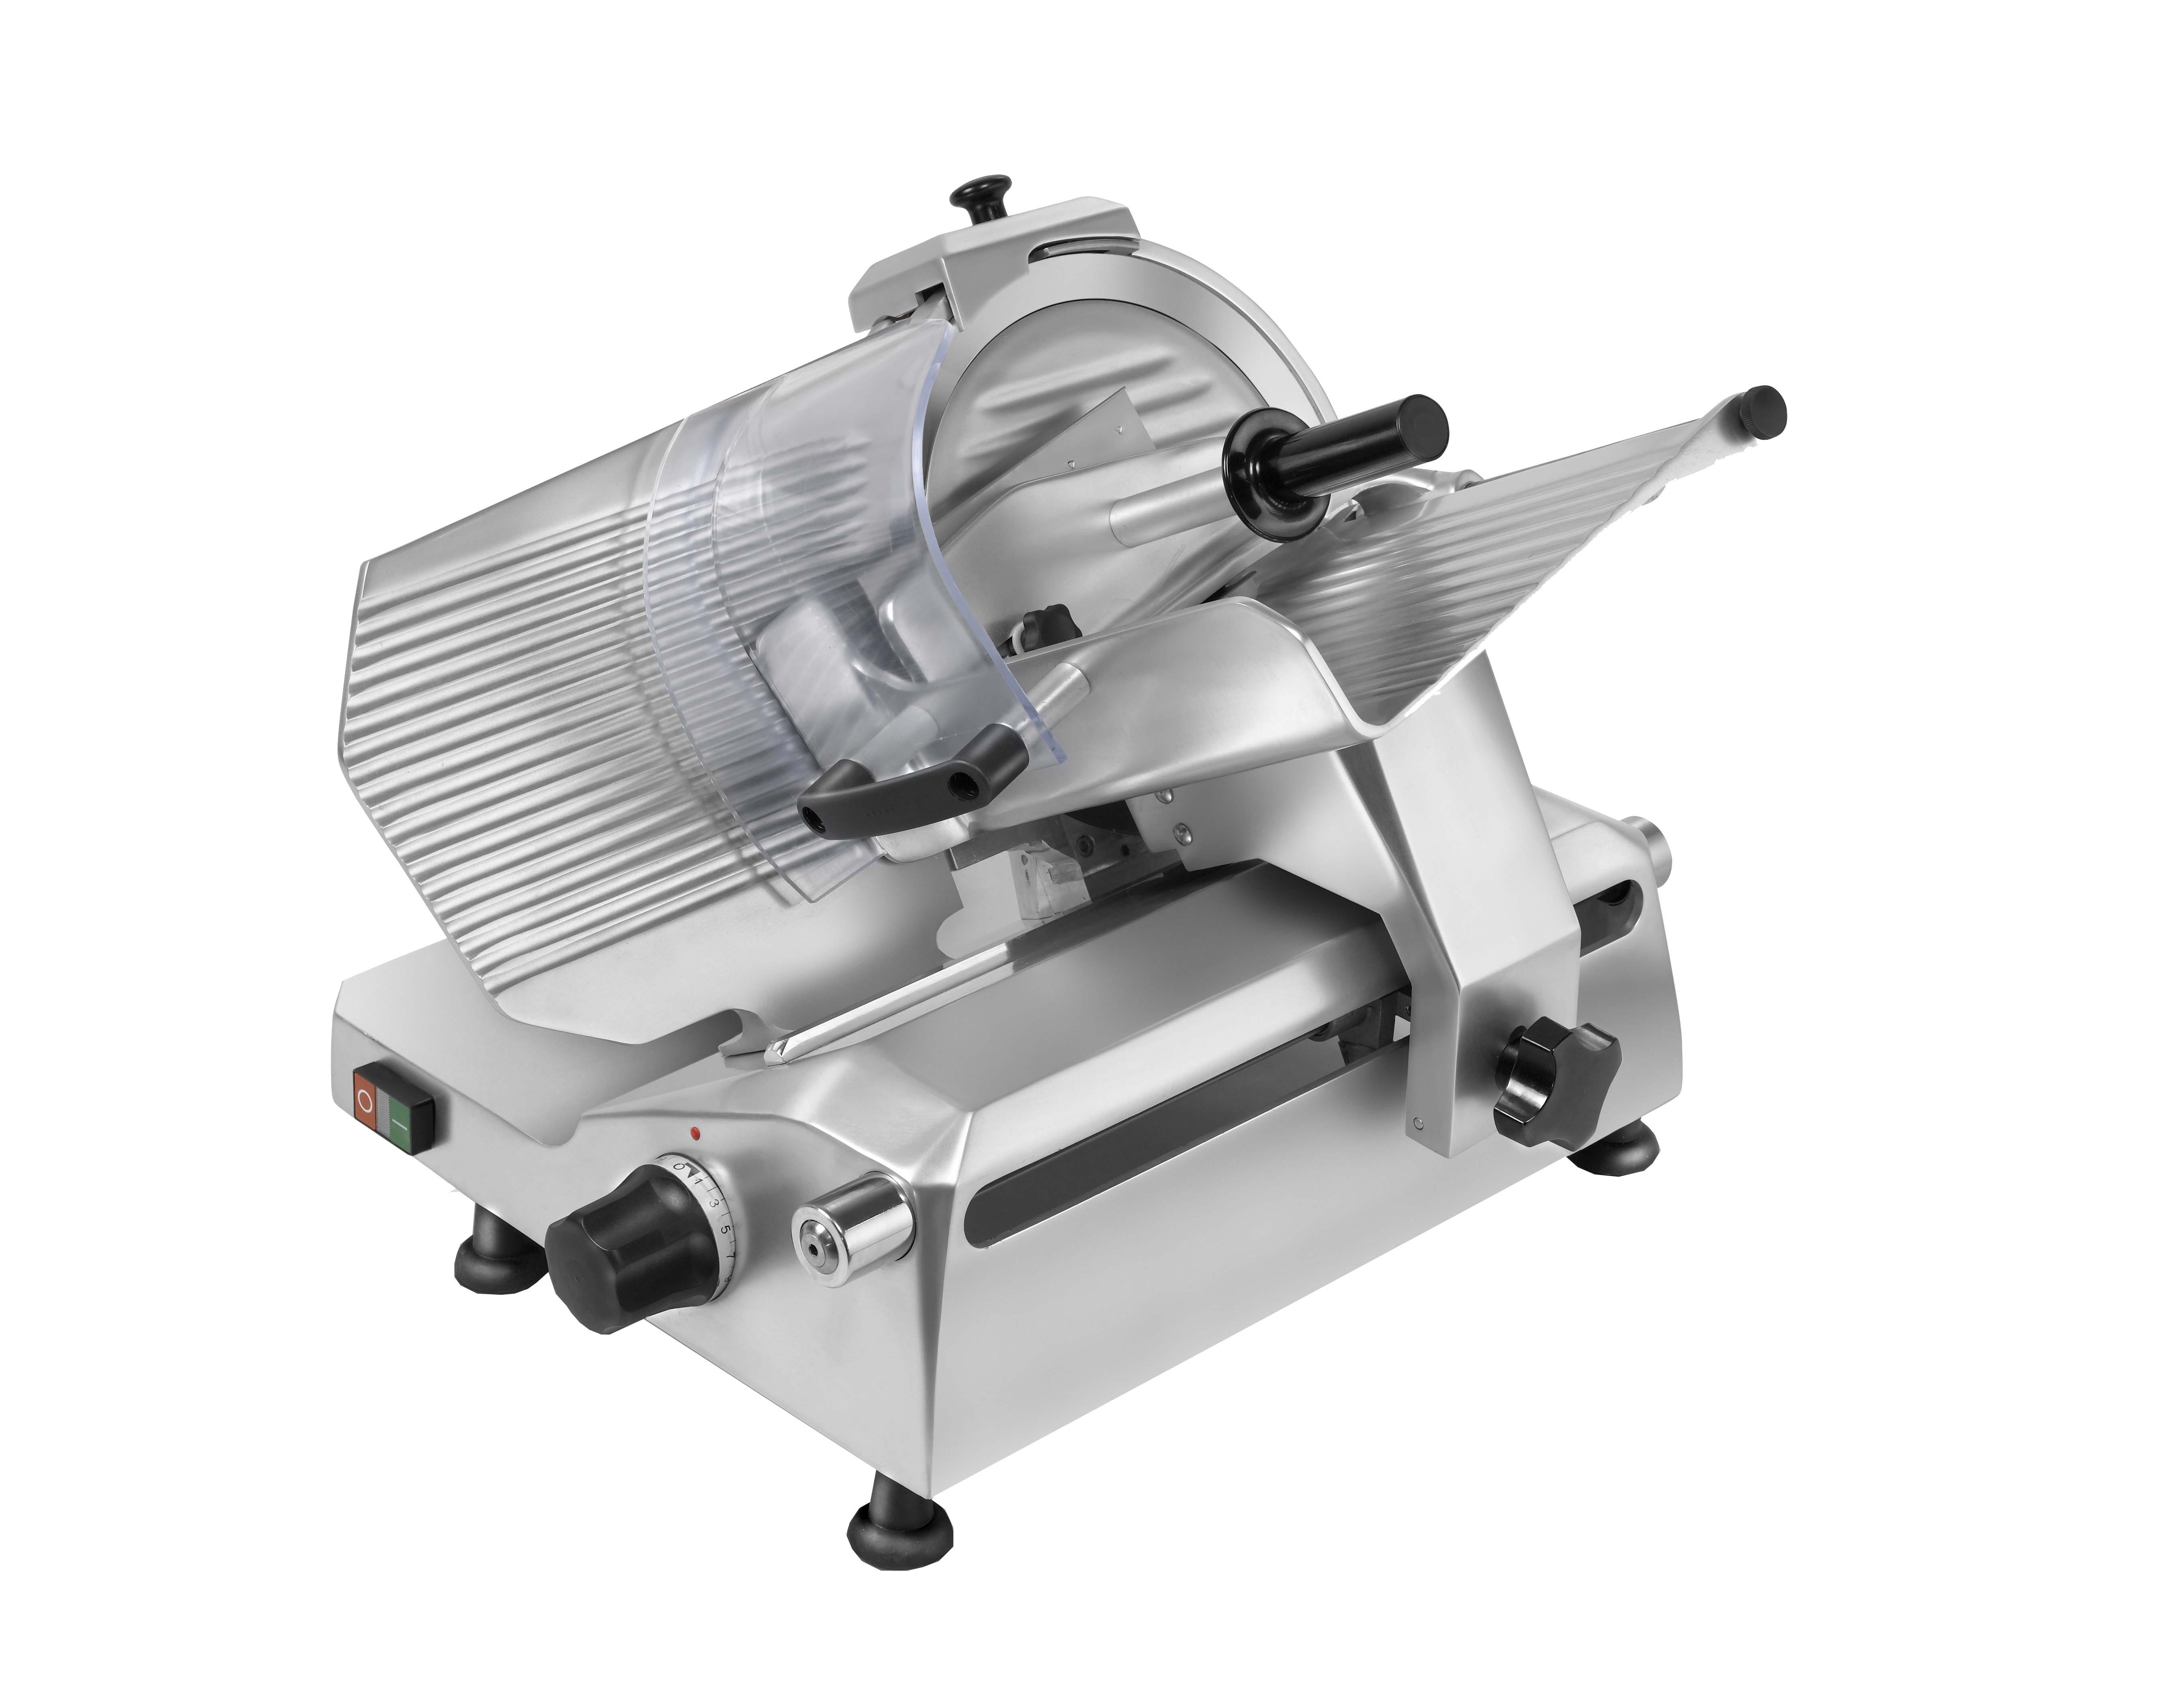 slm0350--slicer-rheninghaus-mondial--350mm